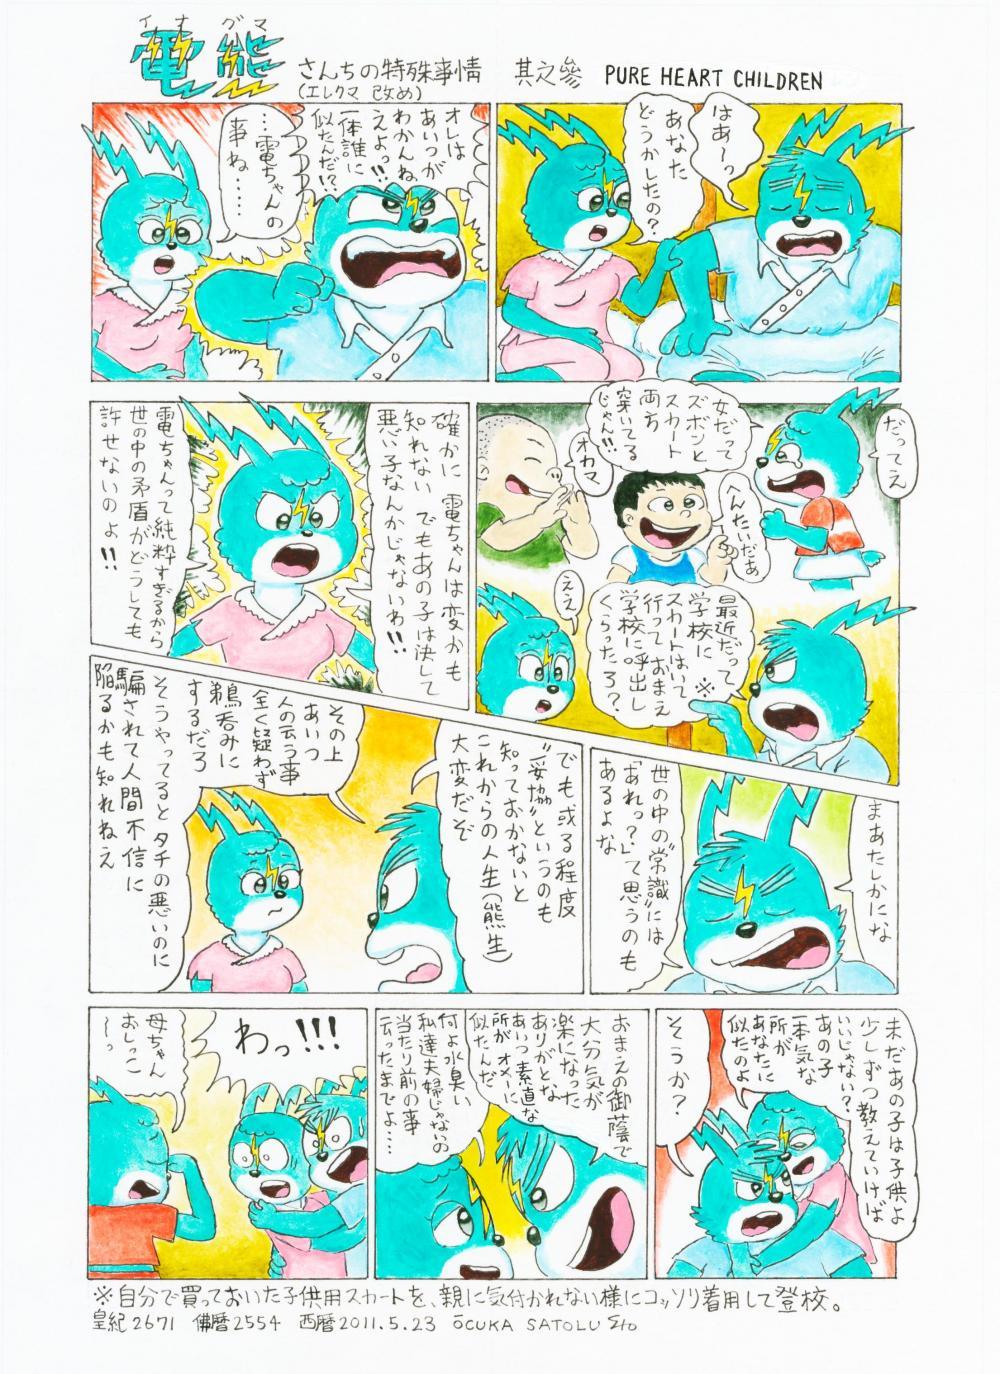 電熊さんちの特殊事情 其之參 2011/5/23